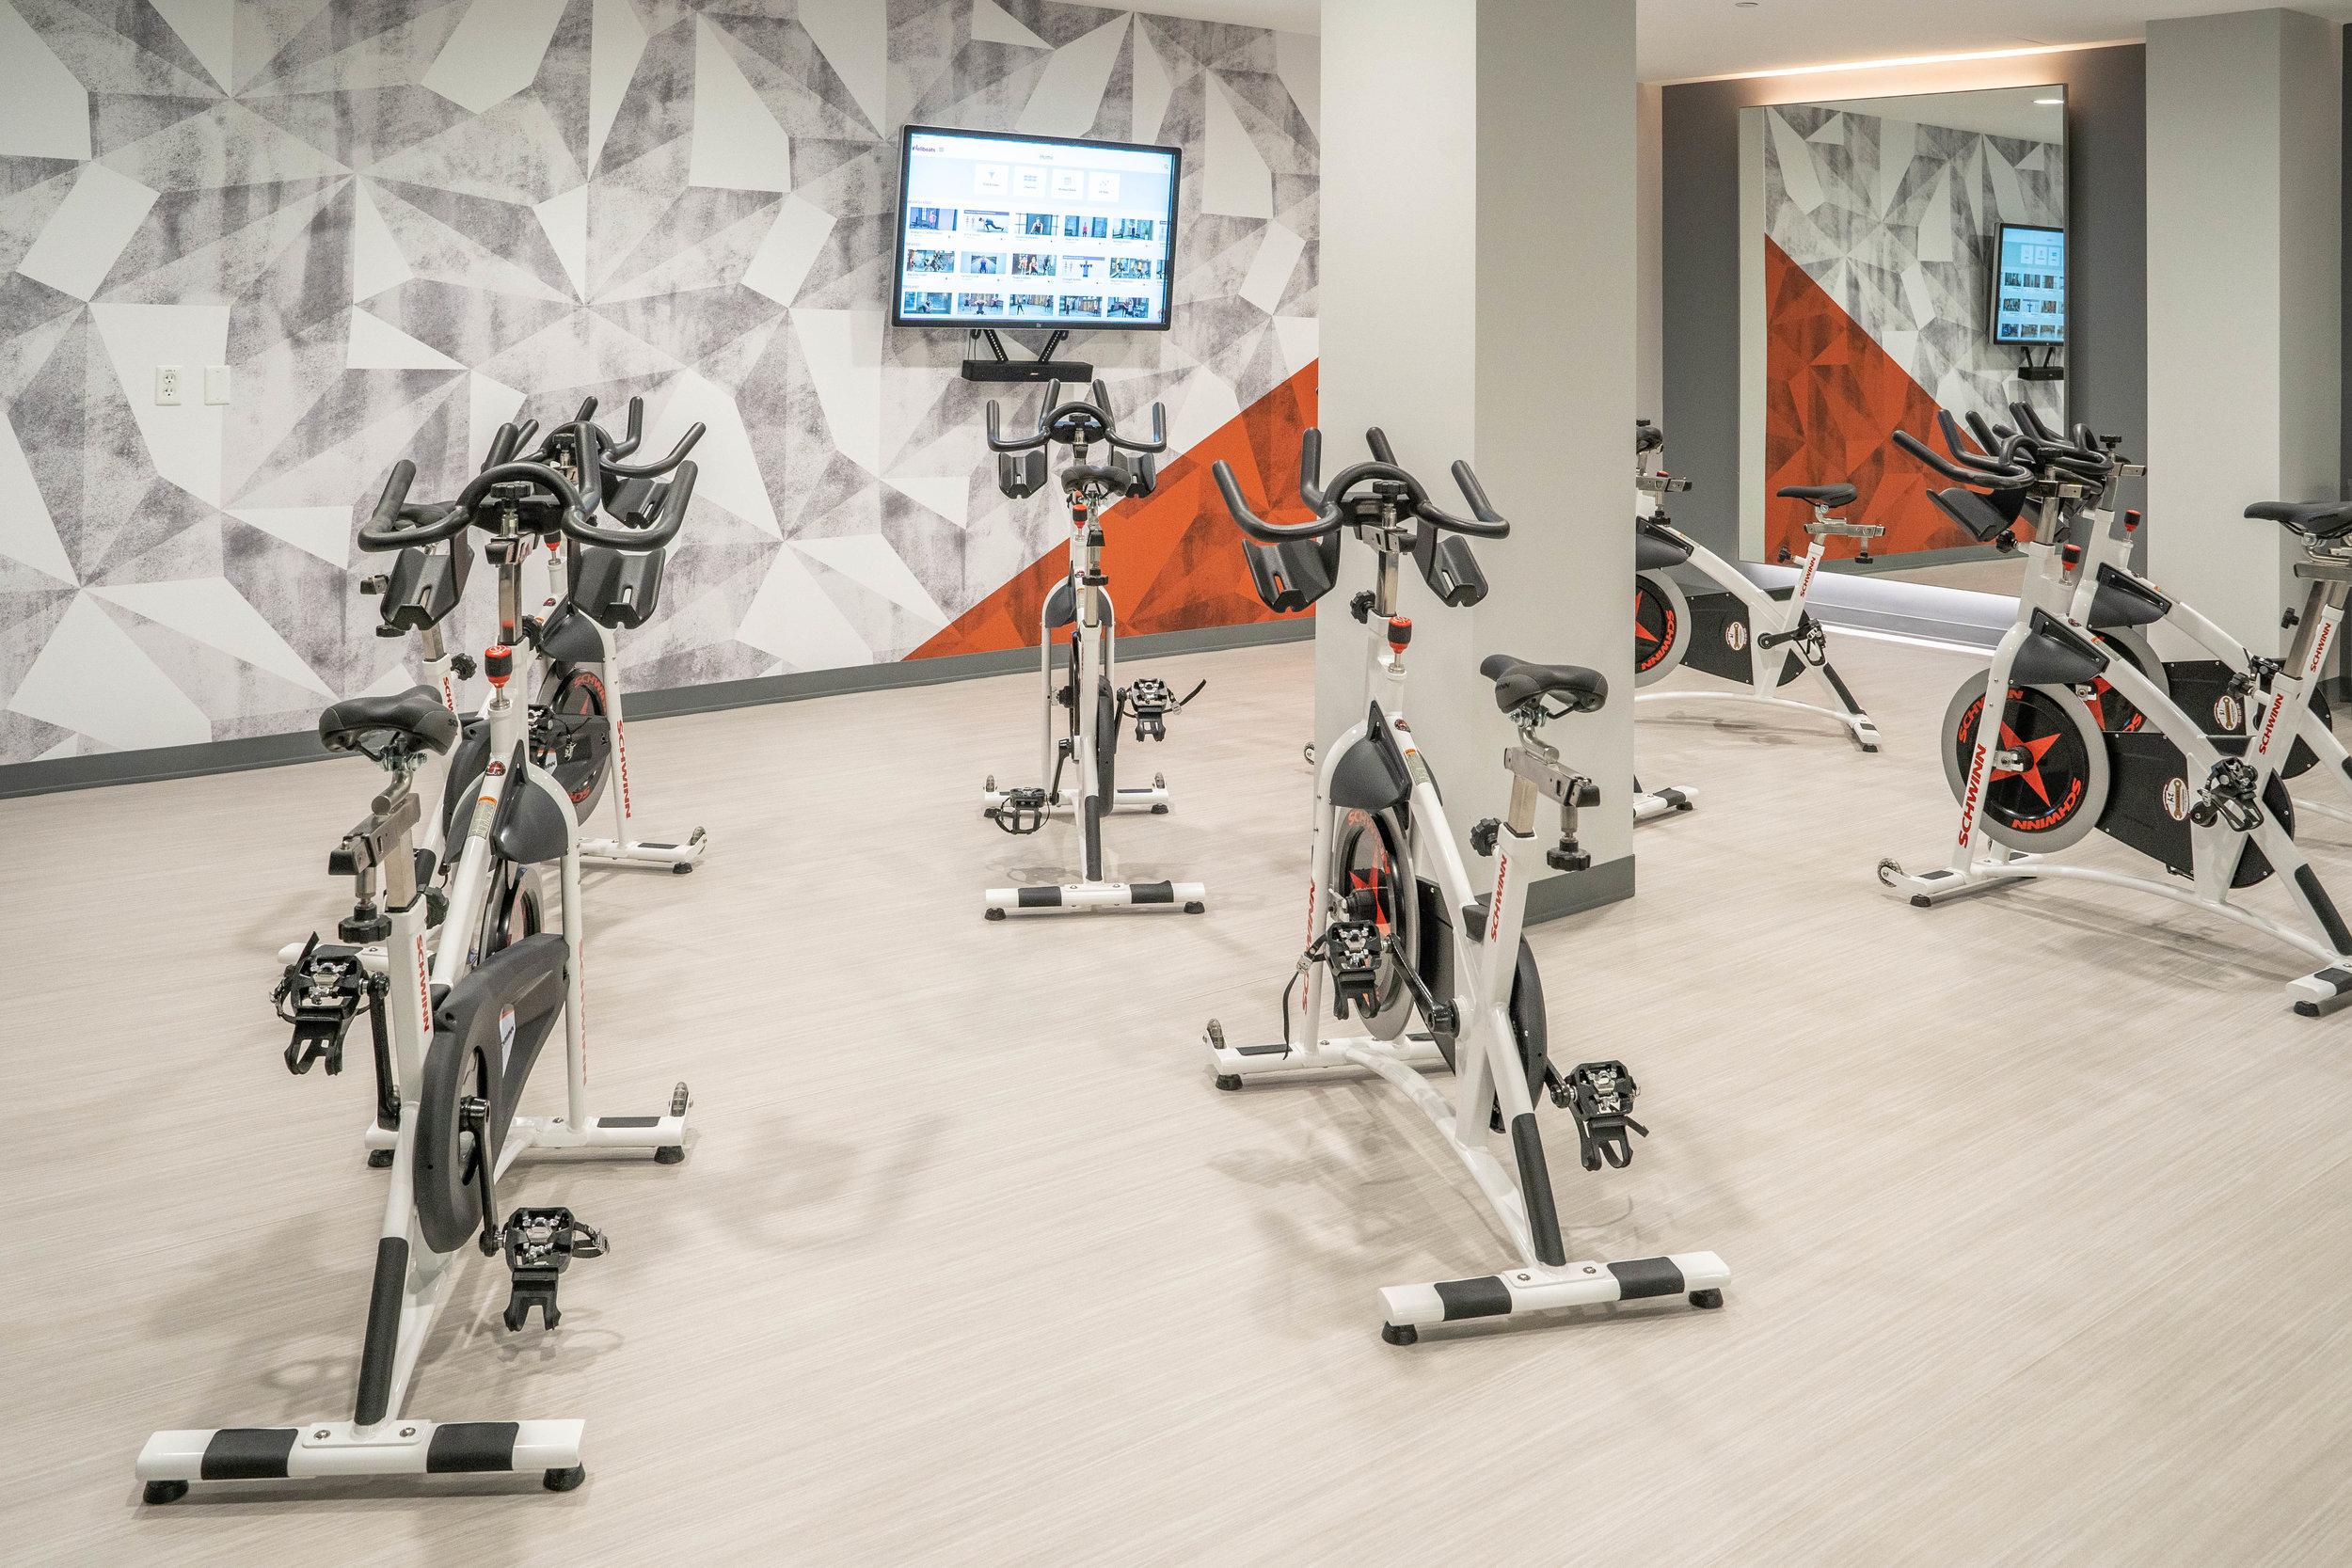 Fitness Center 05.jpg